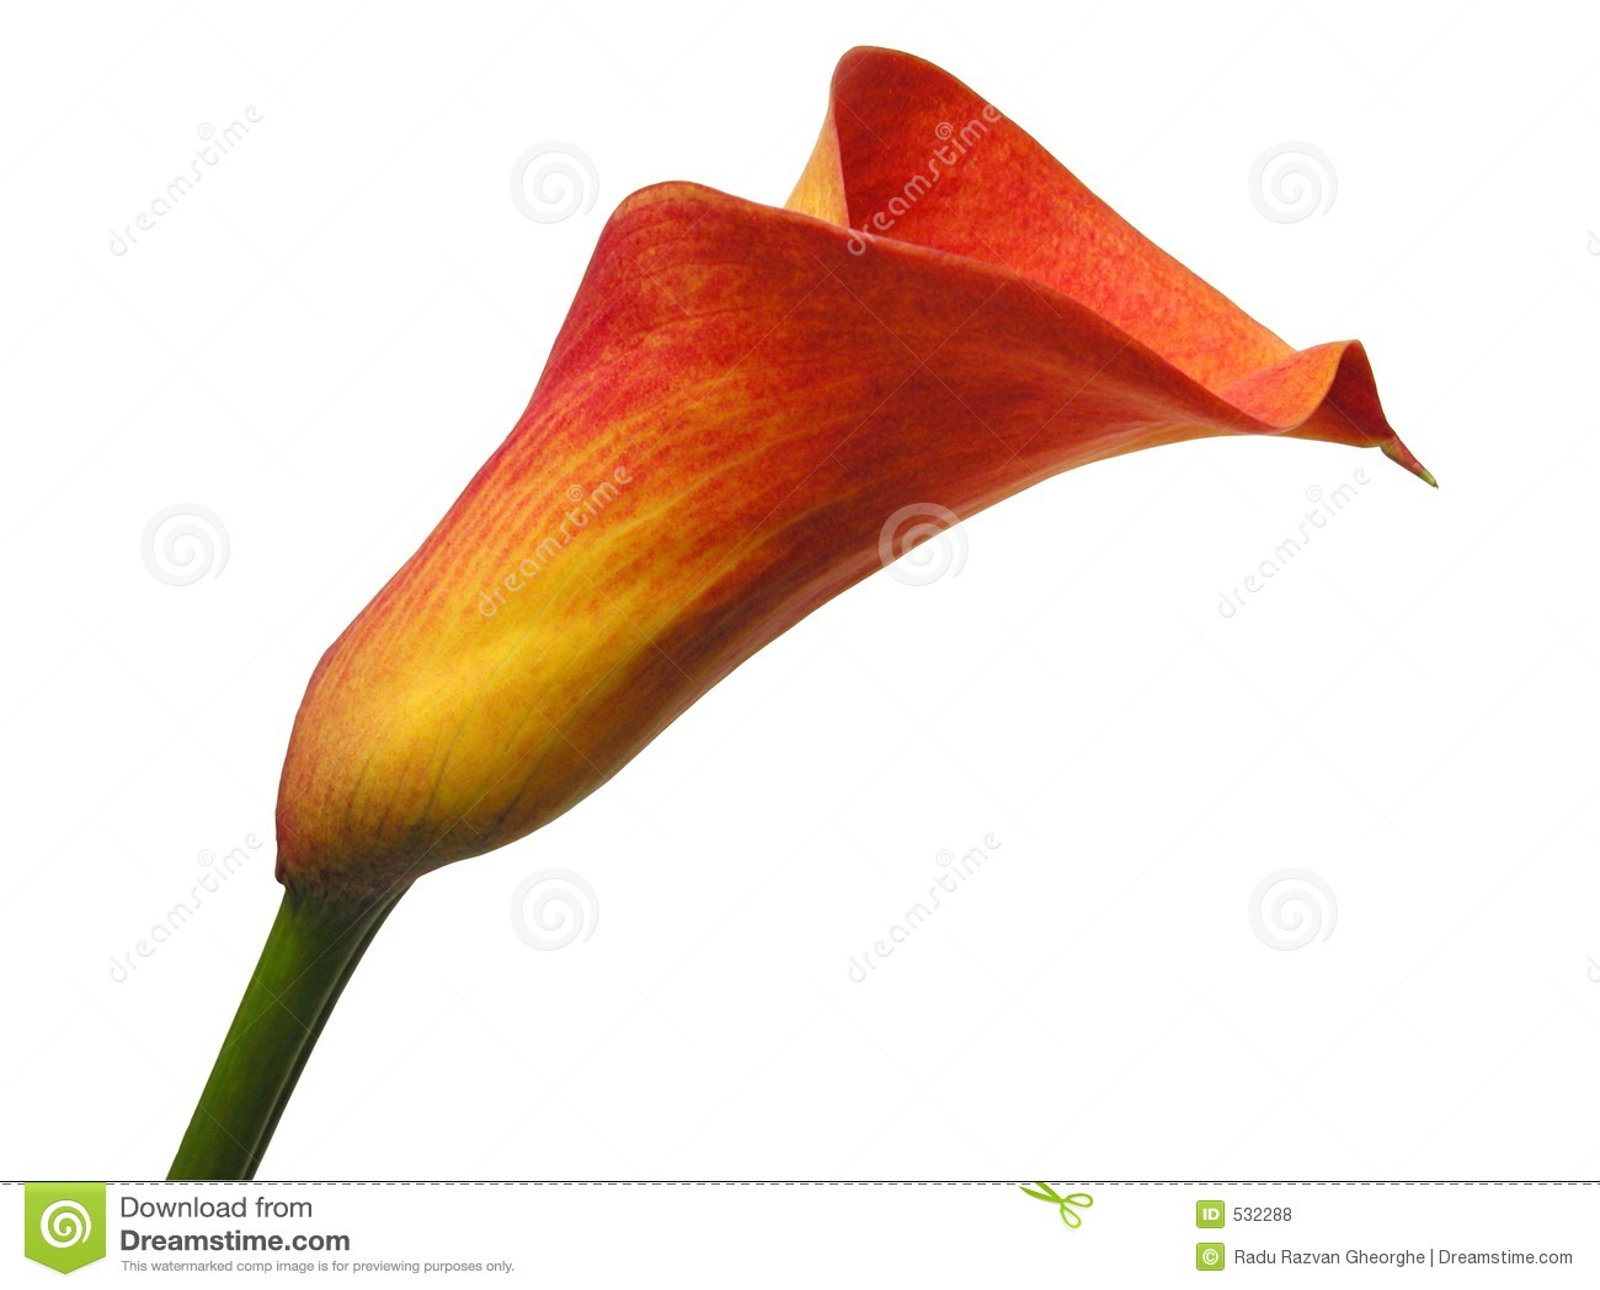 Download 剪报花路径 库存照片. 图片 包括有 lilly, 纤巧, 自然, 详细资料, 季节性, 工厂, 本质, beautifuler - 532288